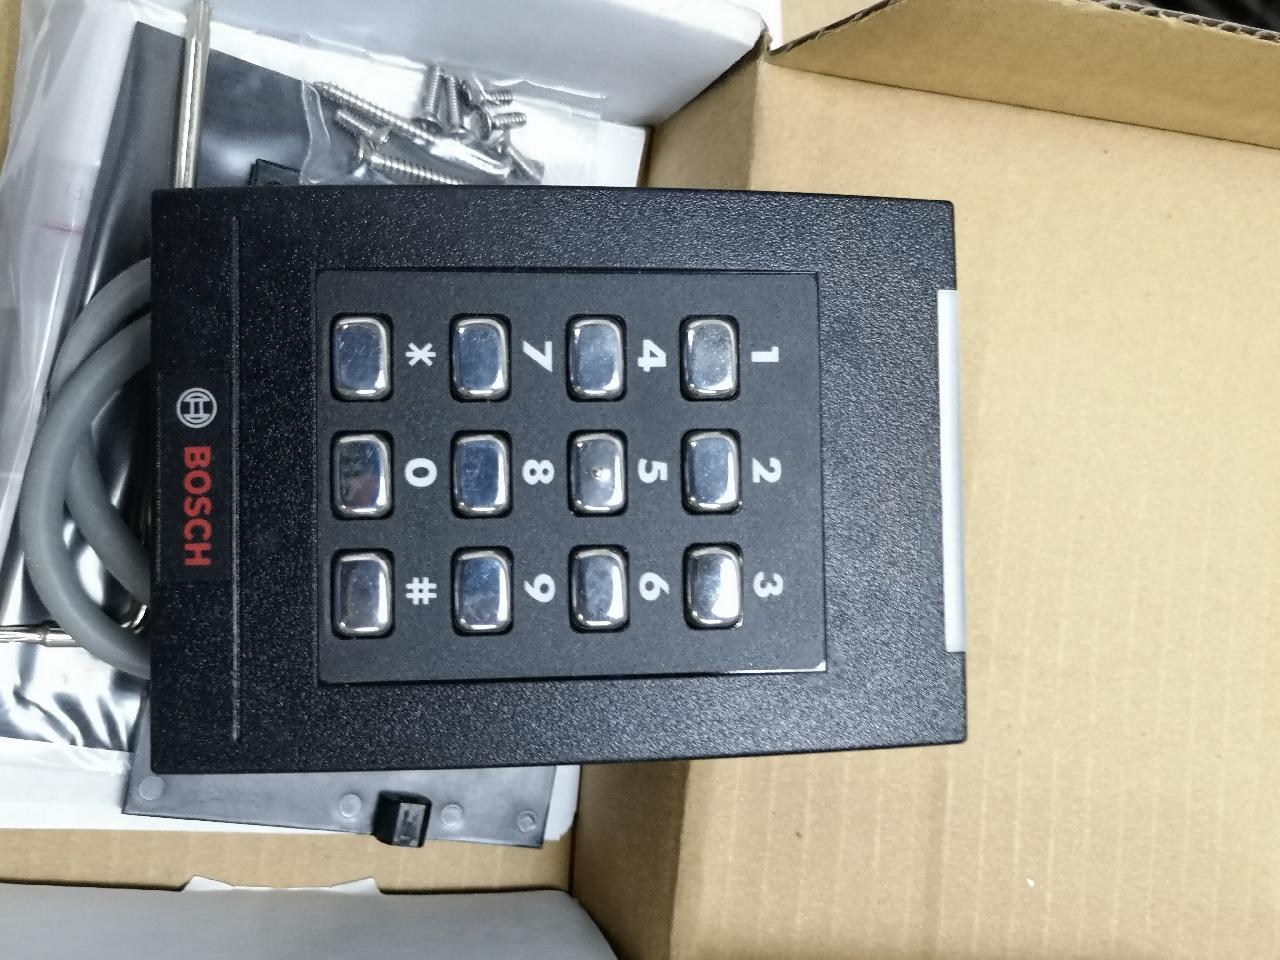 Bosch HID RPK40 Wall Switch Keypad Reader 921PTNNEK00000 RPK40EKNN RPK40E 00001